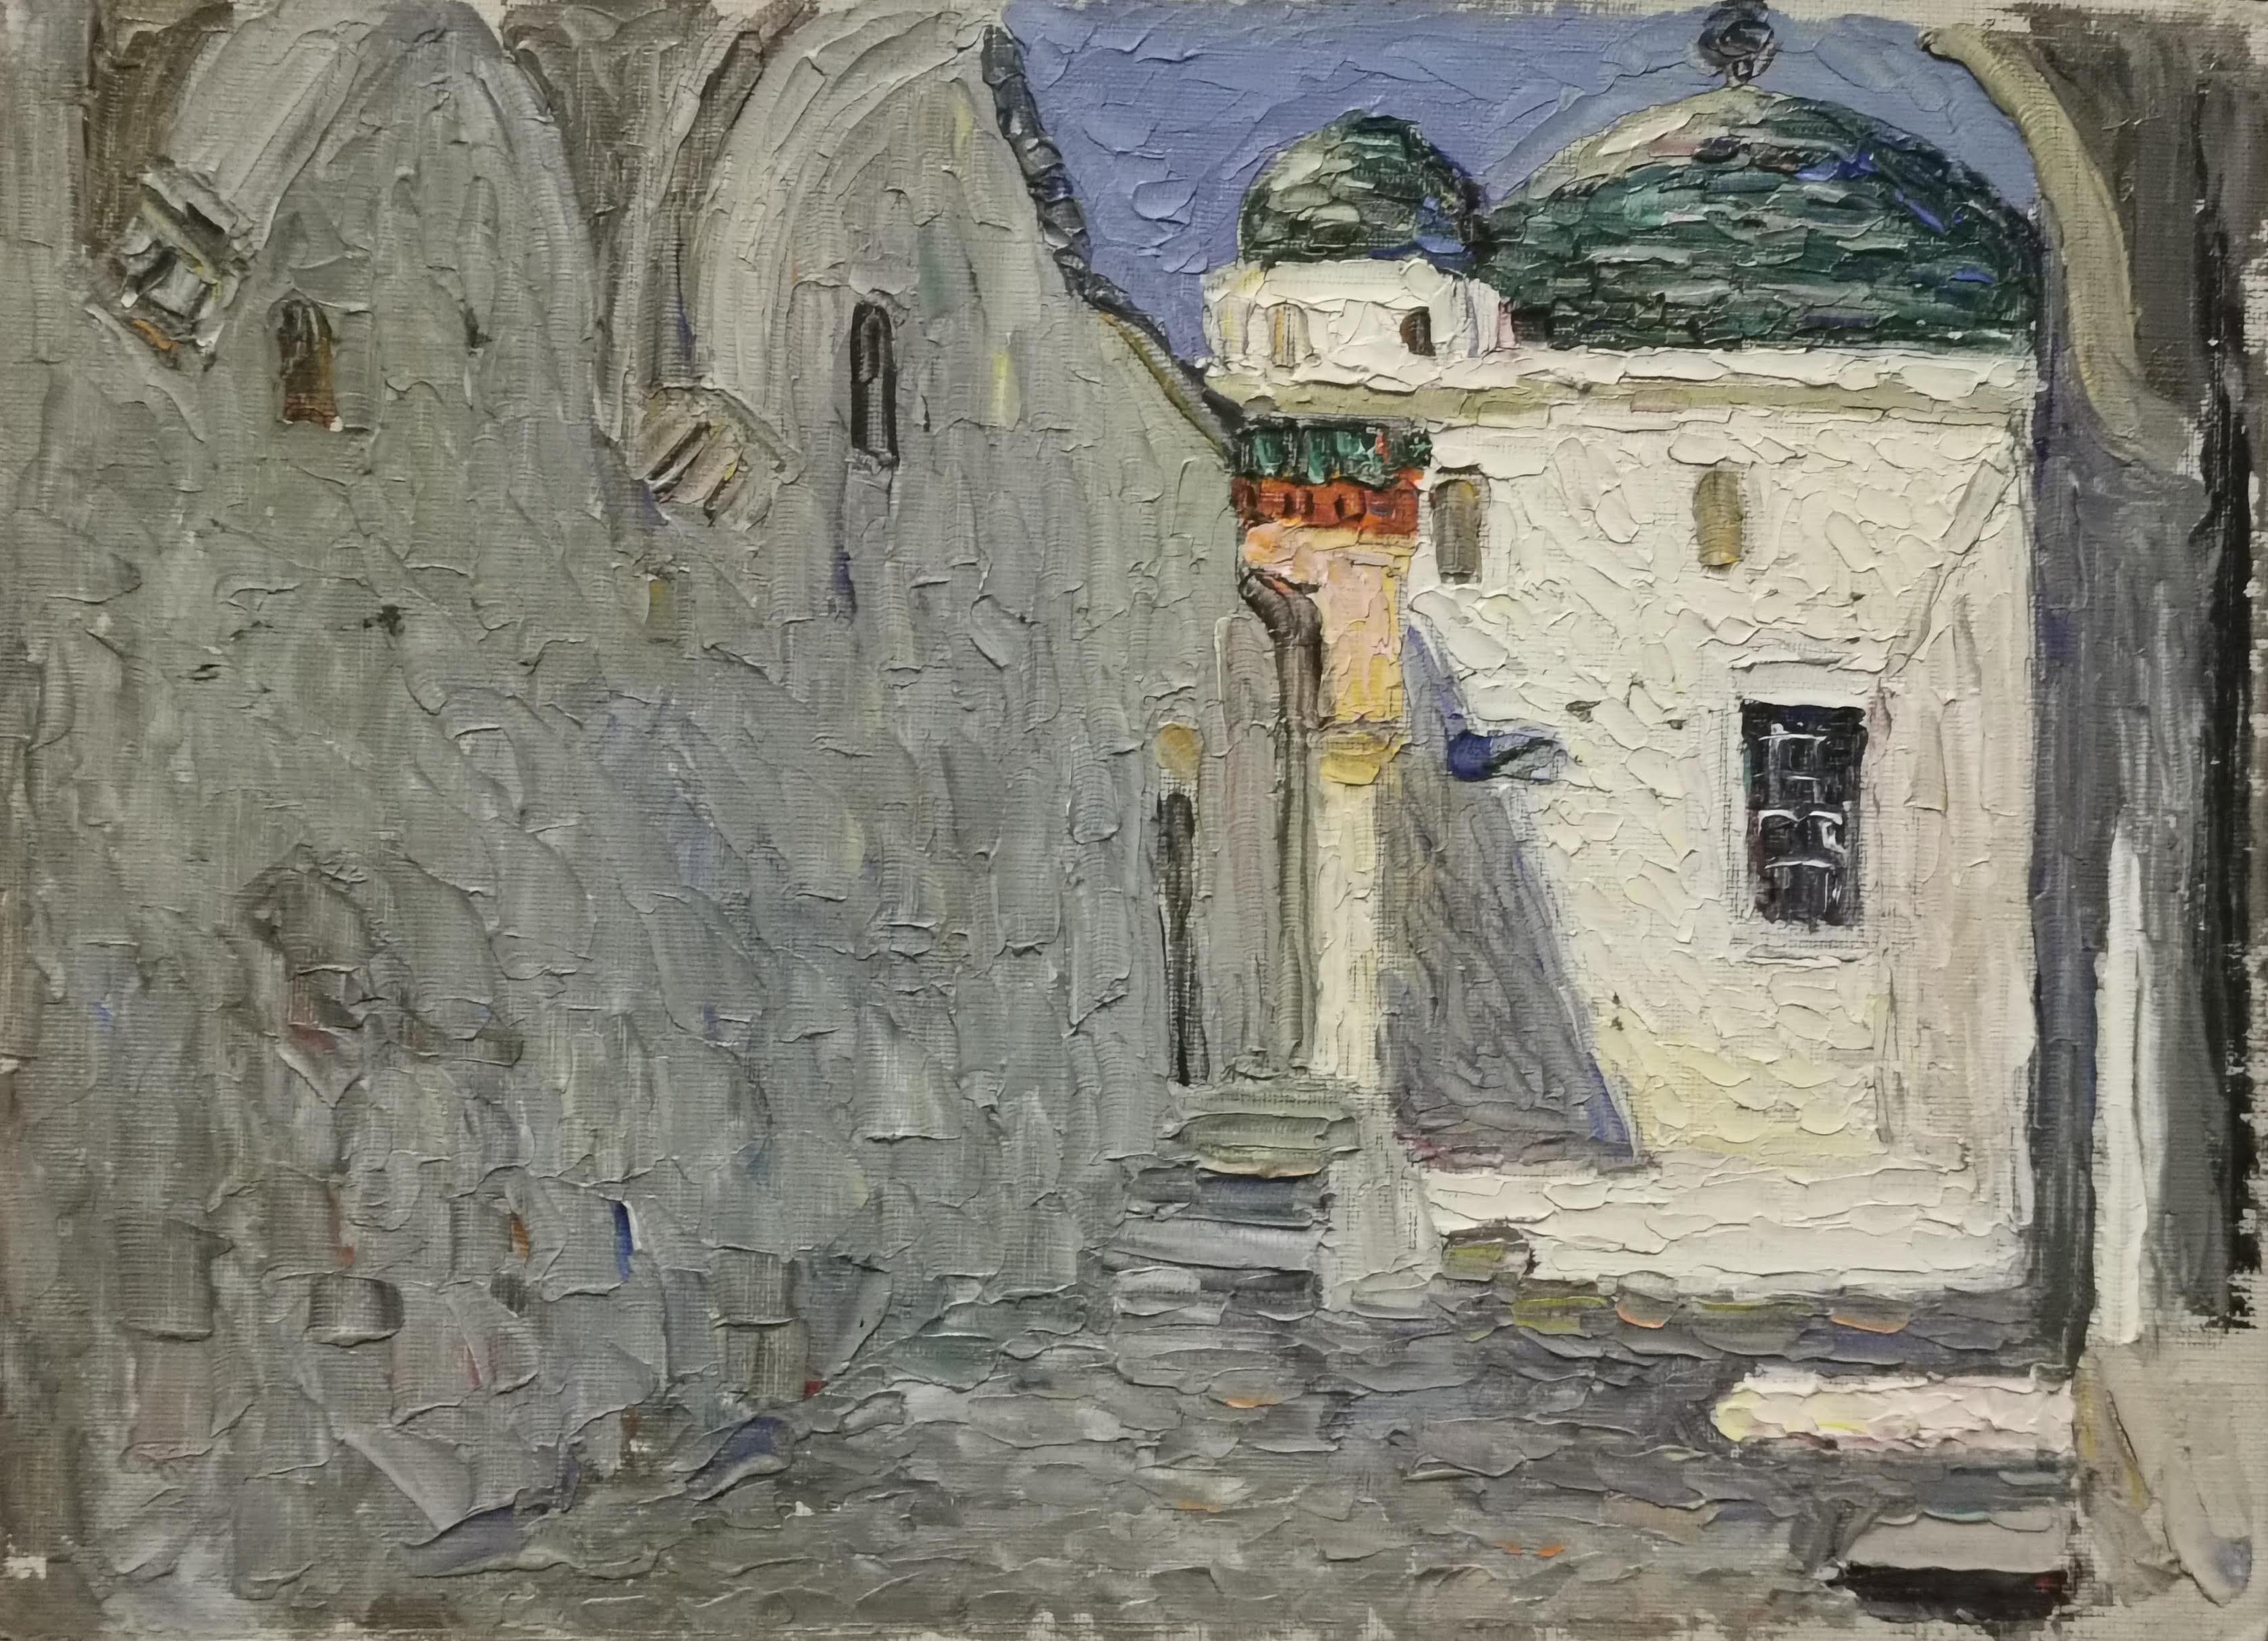 Kandinski oeuvre